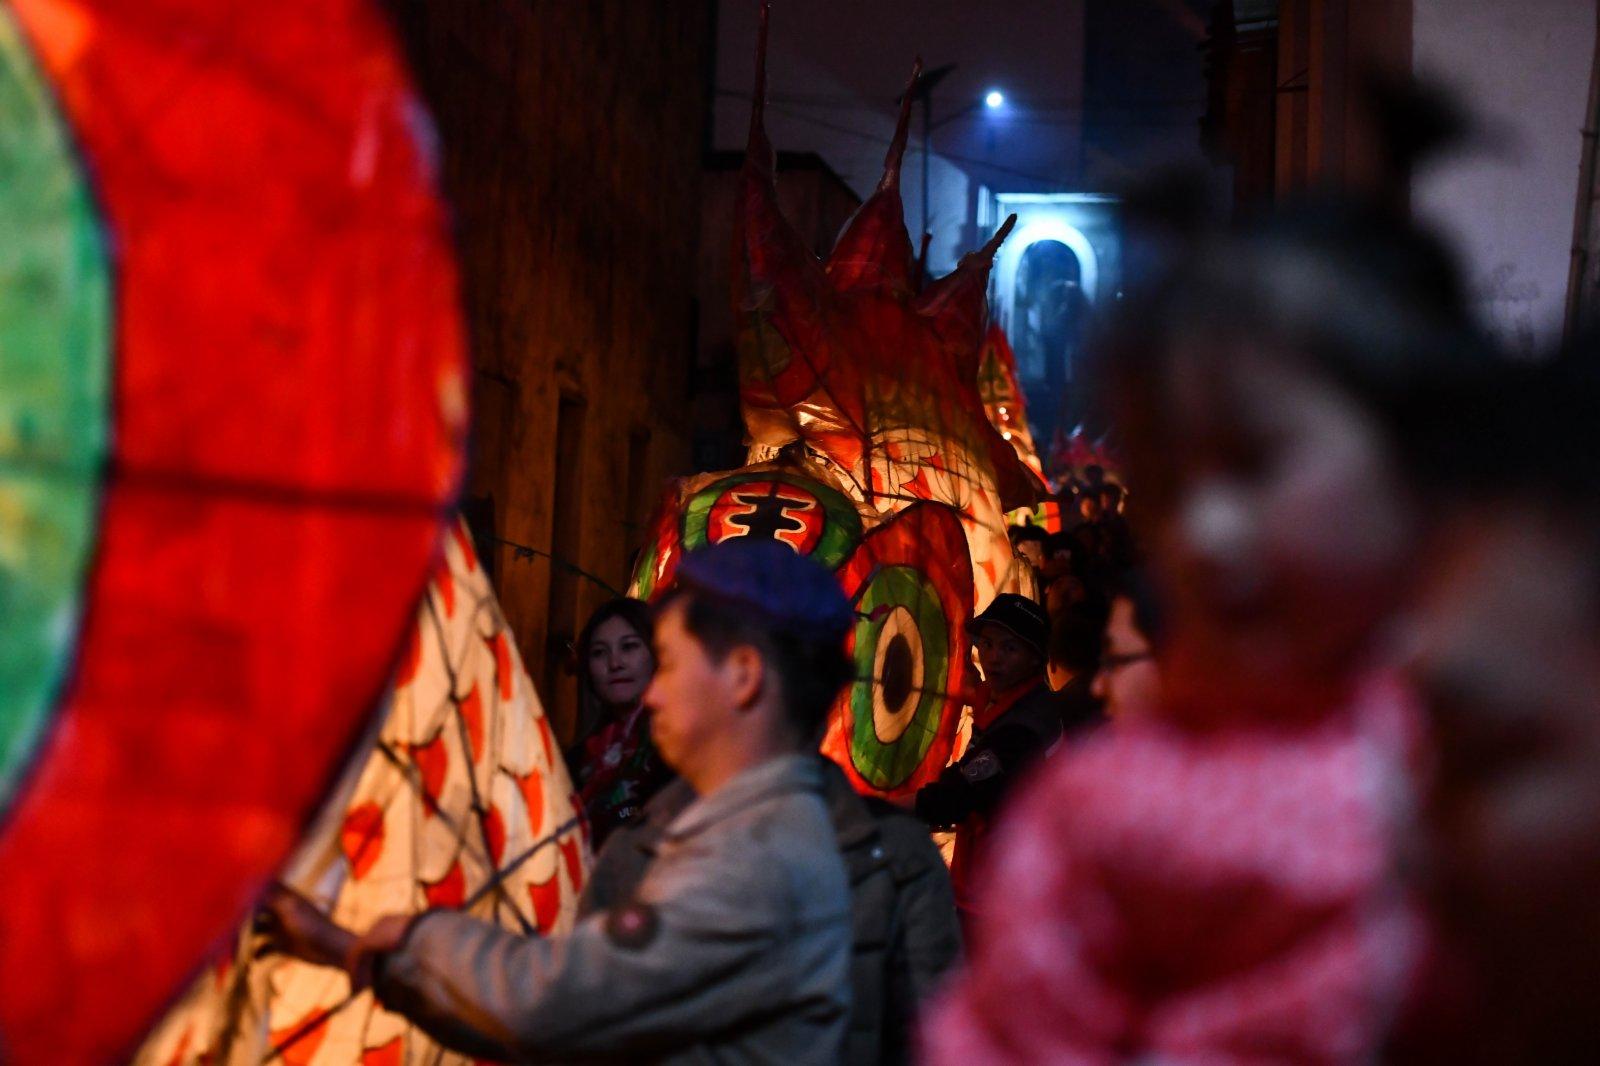 據了解,嬉魚燈是當地的獨特民俗活動,已傳承600多年,旨在祝福新的一年一帆風順、五穀豐登、年年有餘。(新華社)